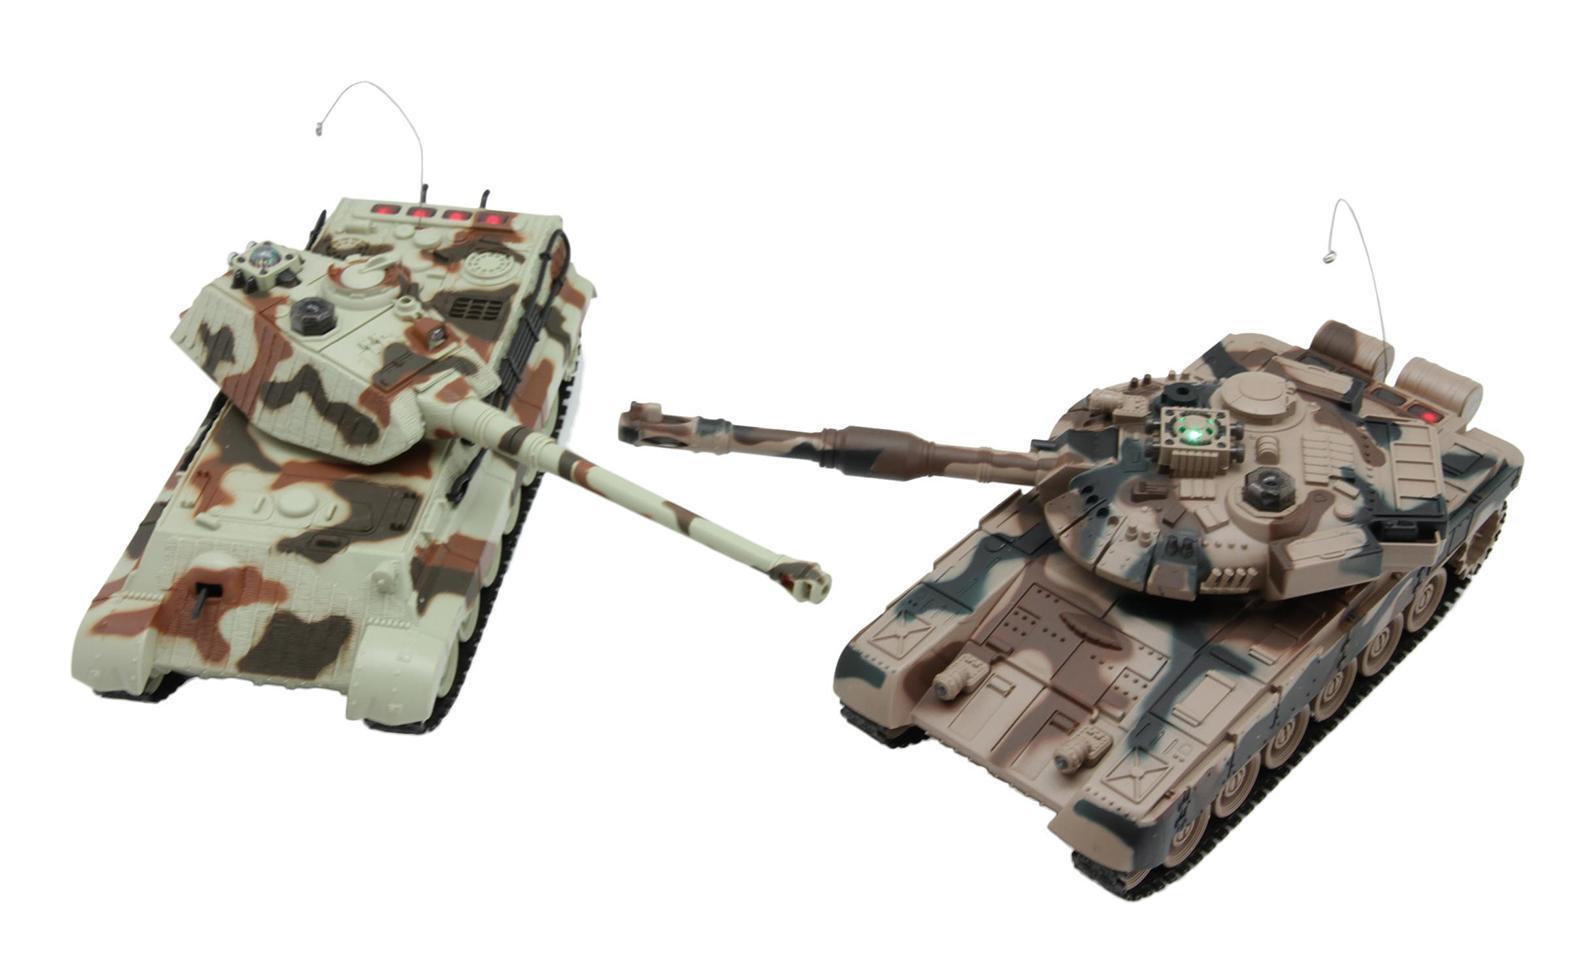 Balbi Набор танков на радиоуправлении Танковый бой FMTB-2802-A